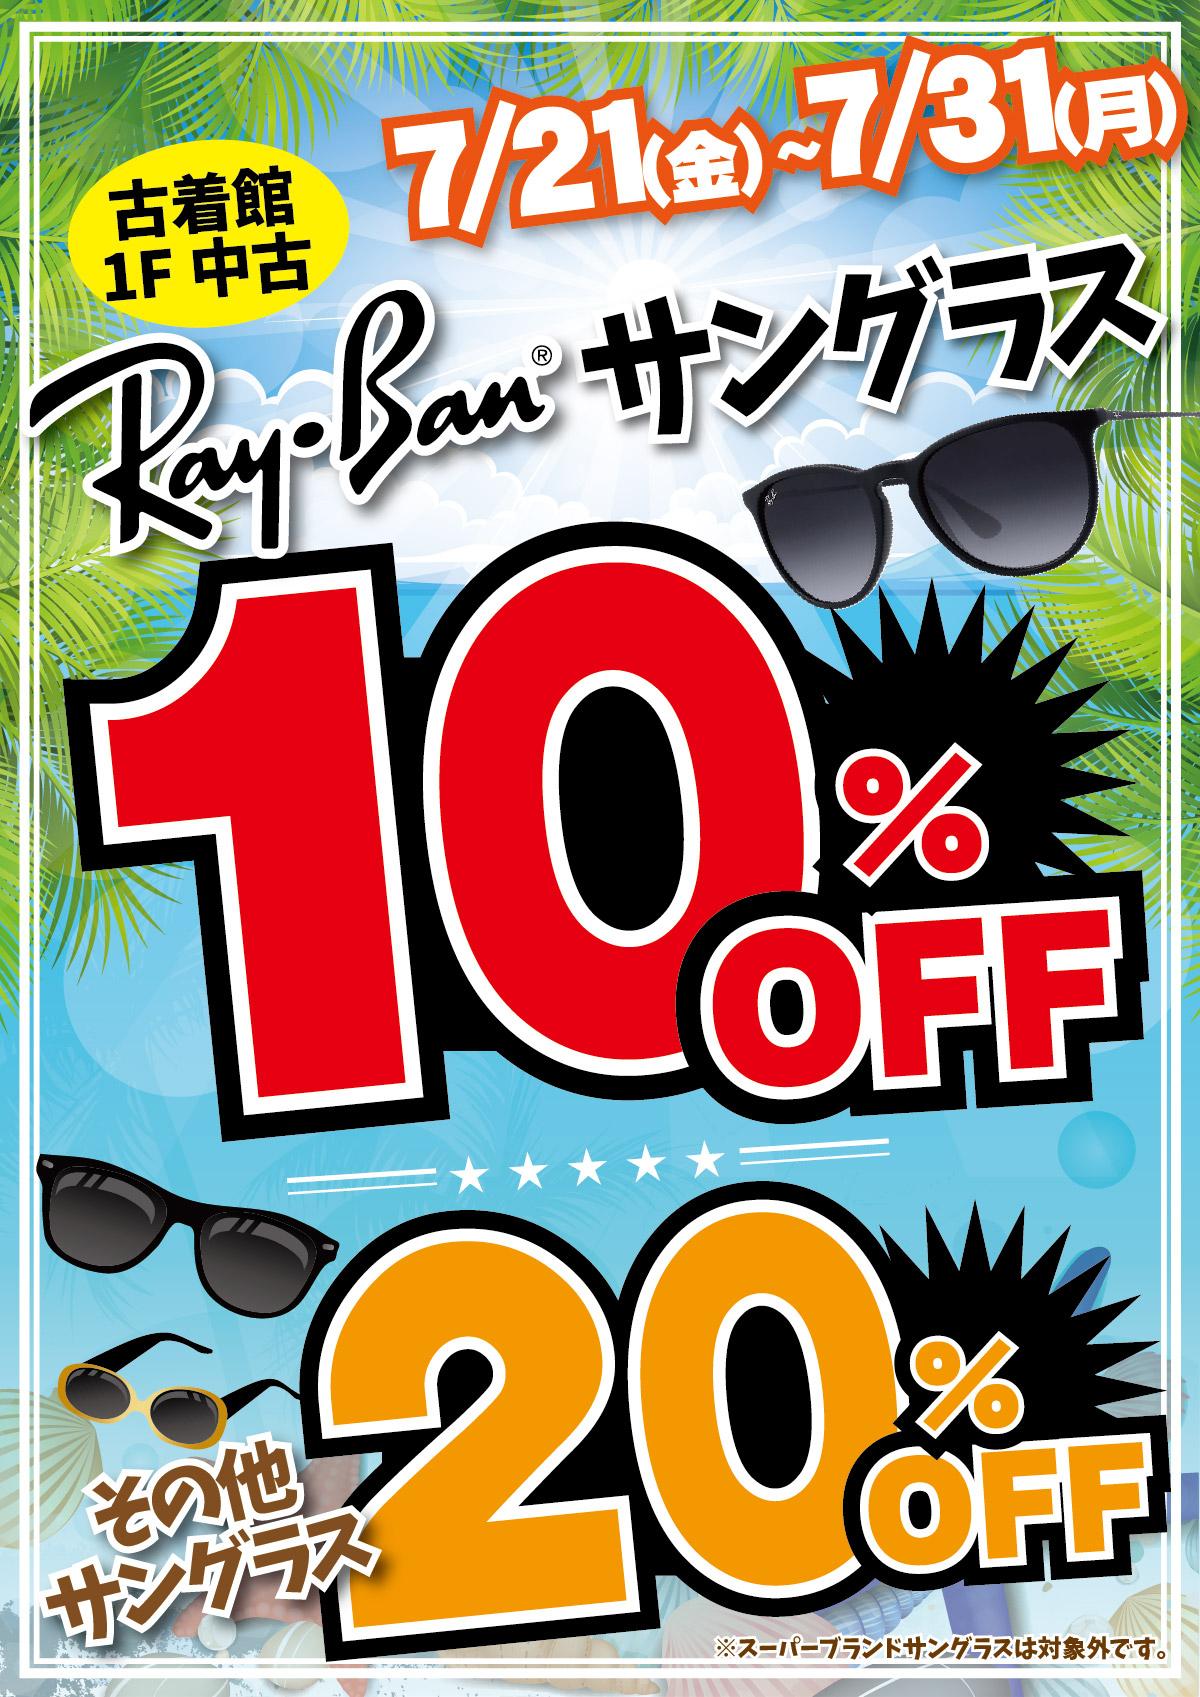 「開放倉庫山城店」古着館1F中古<RayBanサングラス・その他サングラス>レイバンサングラス10%OFF、その他サングラス20%OFF※スーパーブランドサングラスは対象外です。